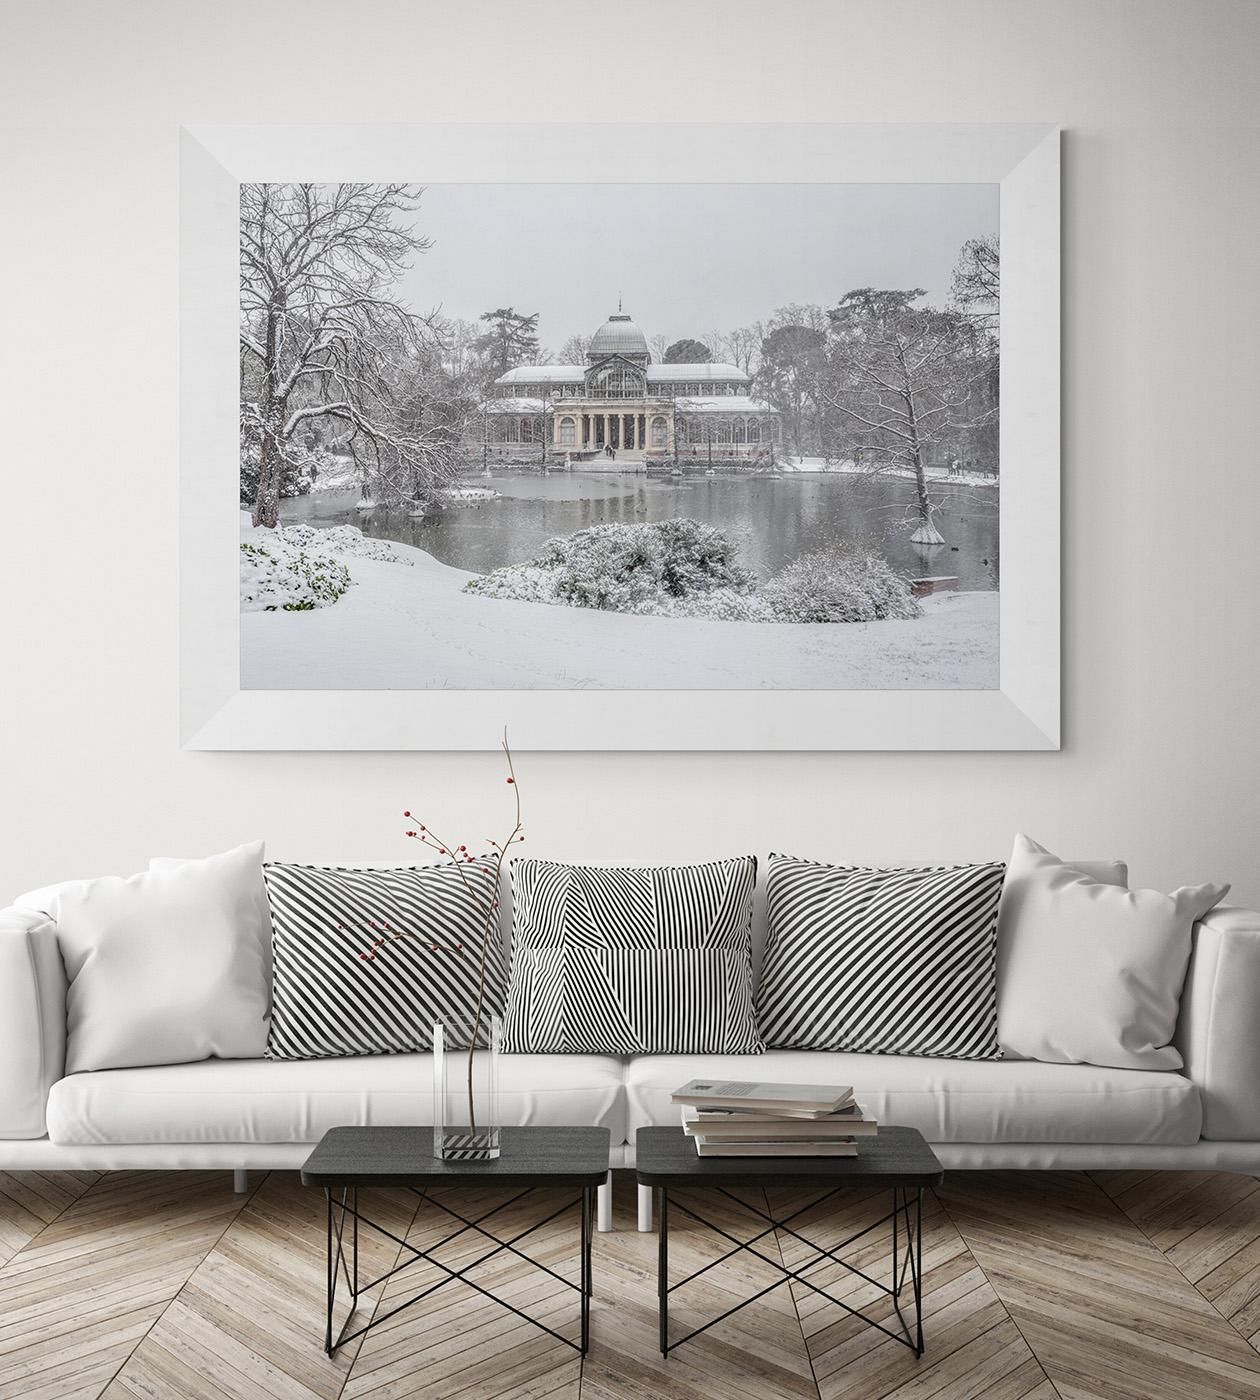 La gran nevada de Madrid, Palacio de Cristal por Adolfo Gosálvez